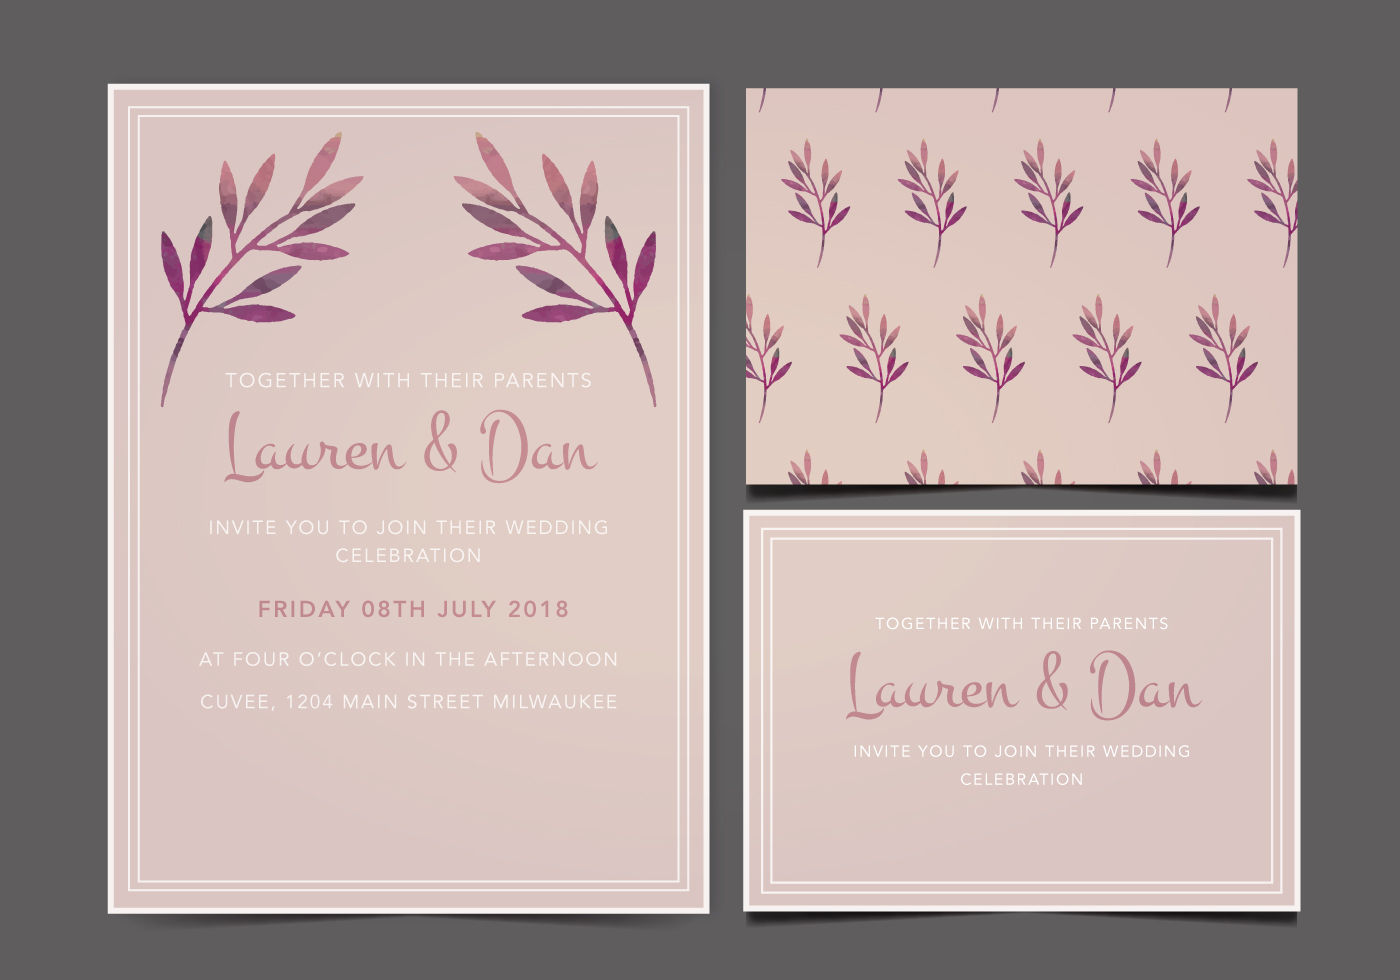 Vector Wedding Invitations: Download Free Vectors, Clipart